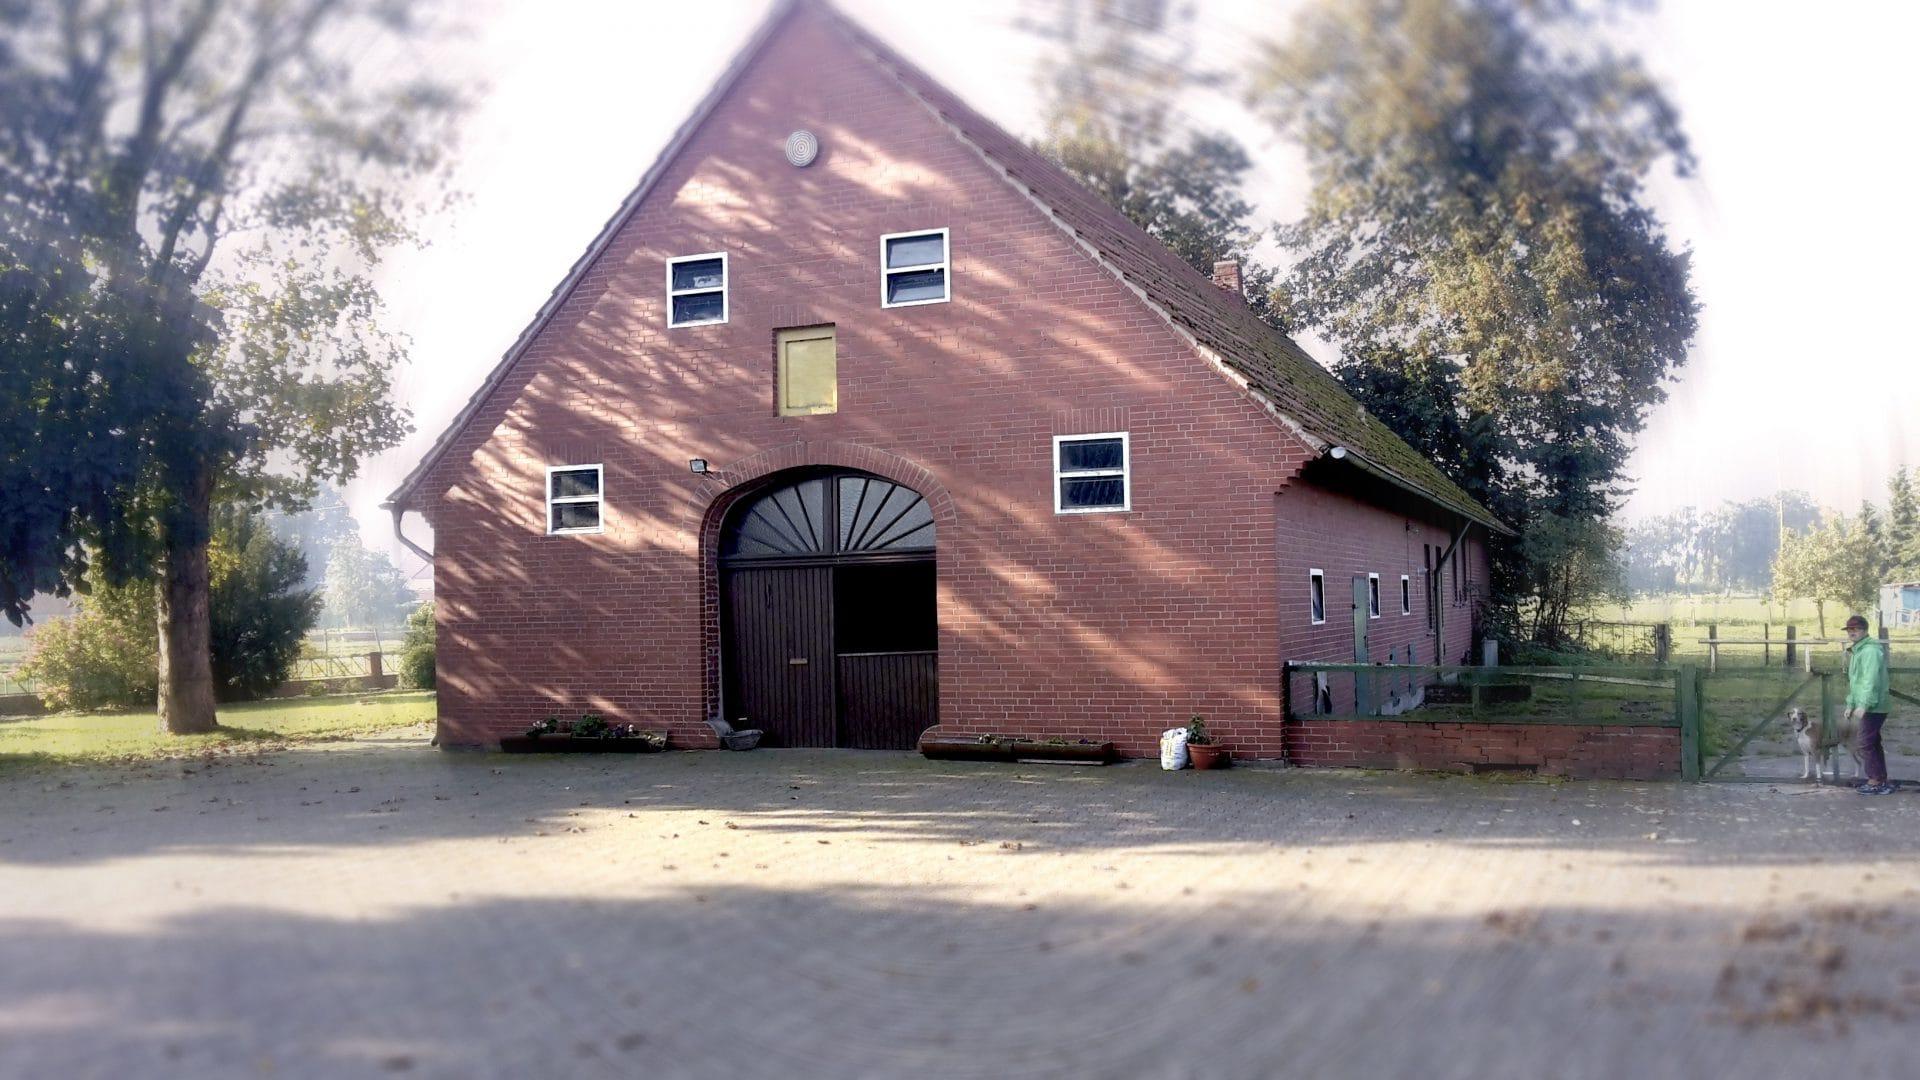 Bauernhof2-e1485166704919